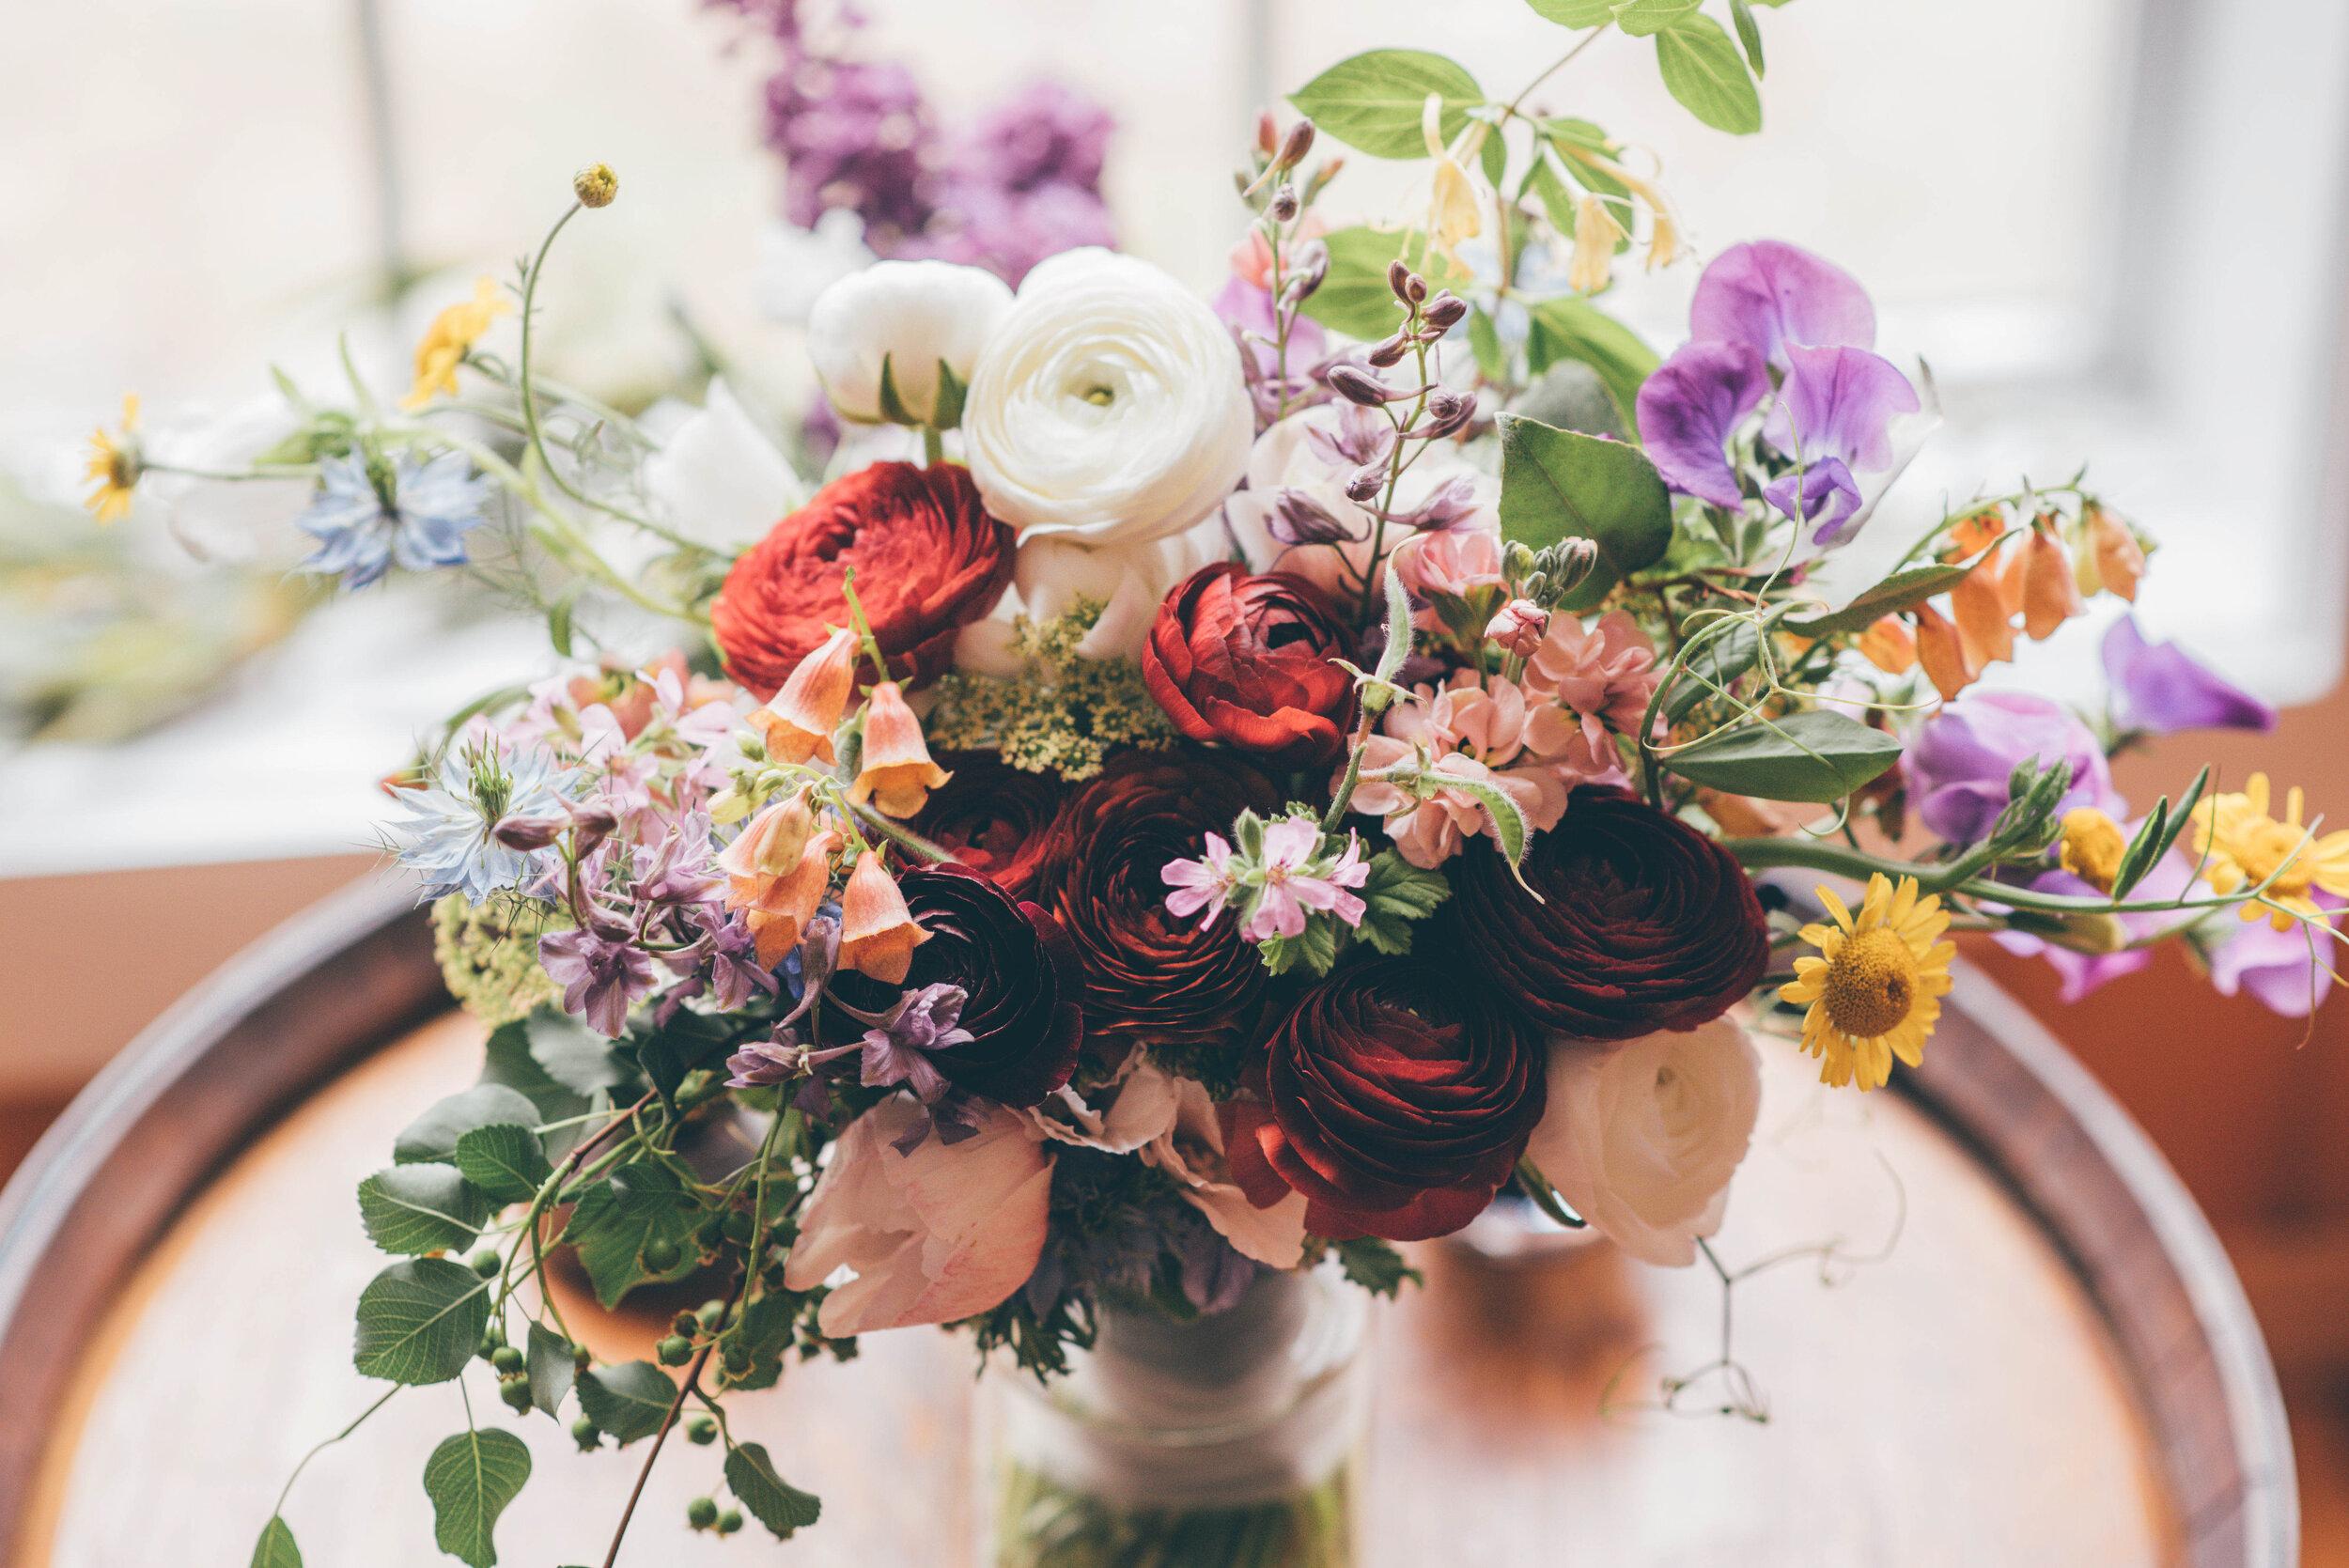 gardner bouquet 2.jpg